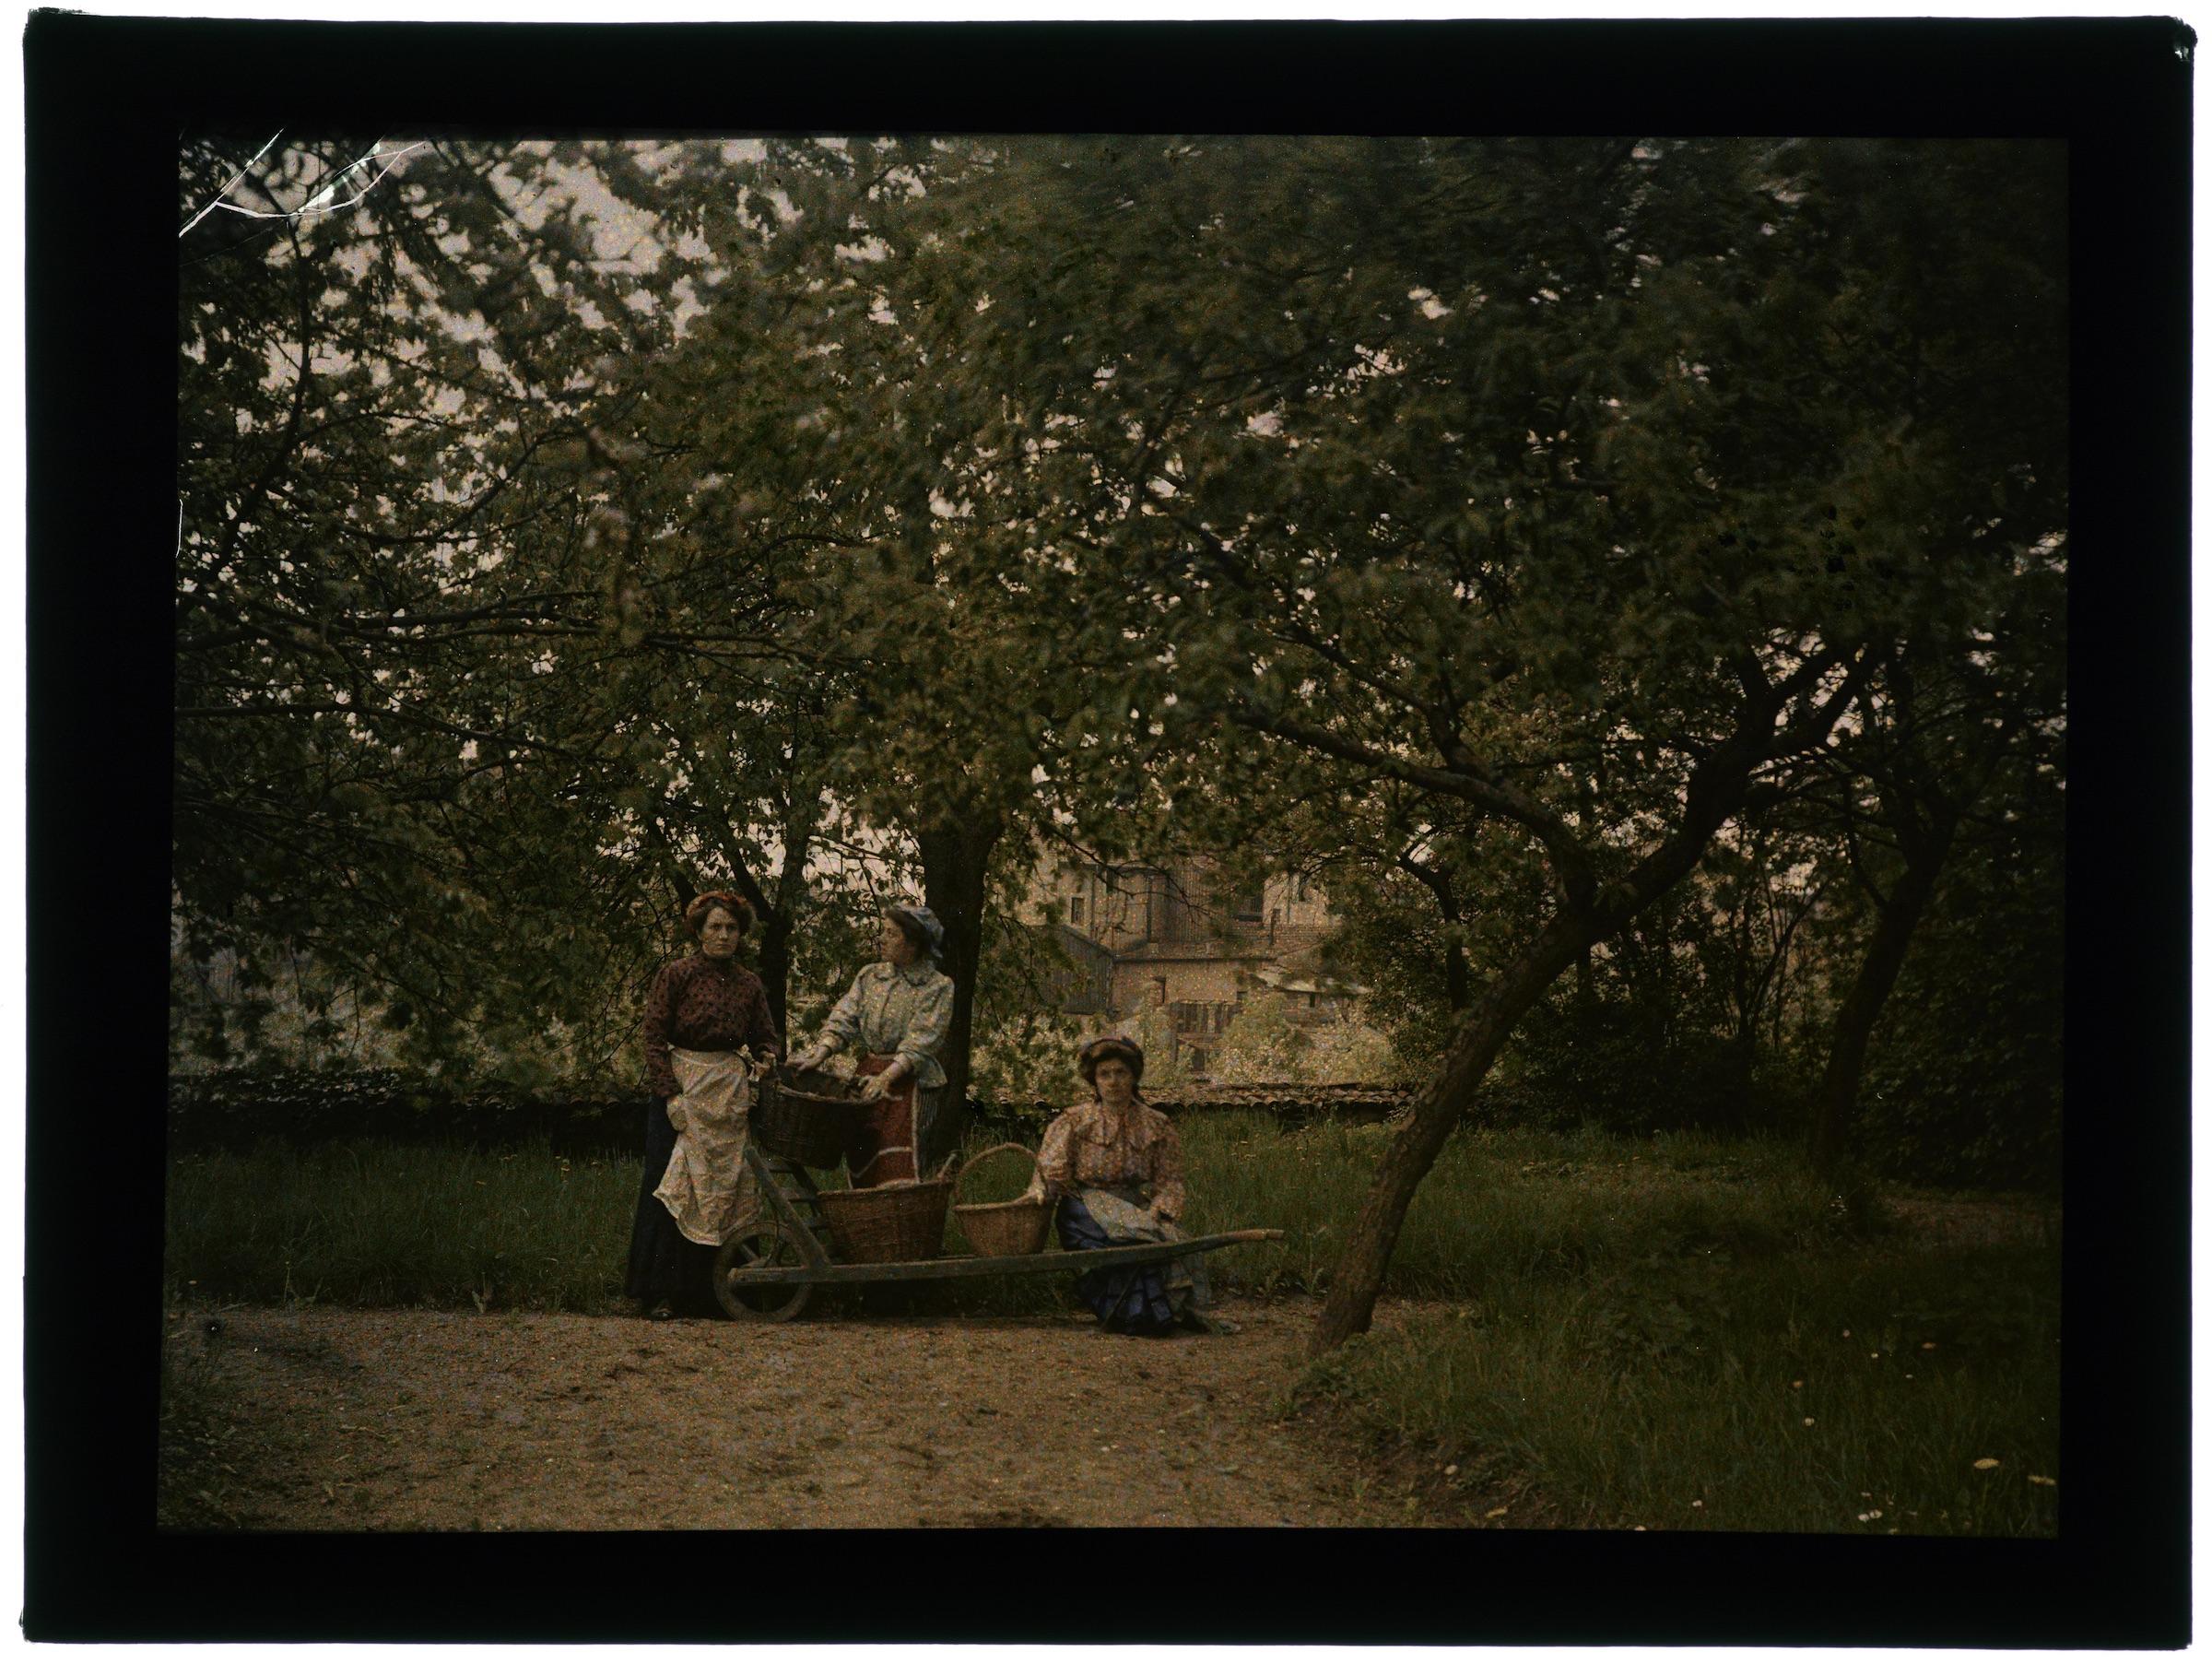 Femme dans le jardin fleuri avec tonnelle